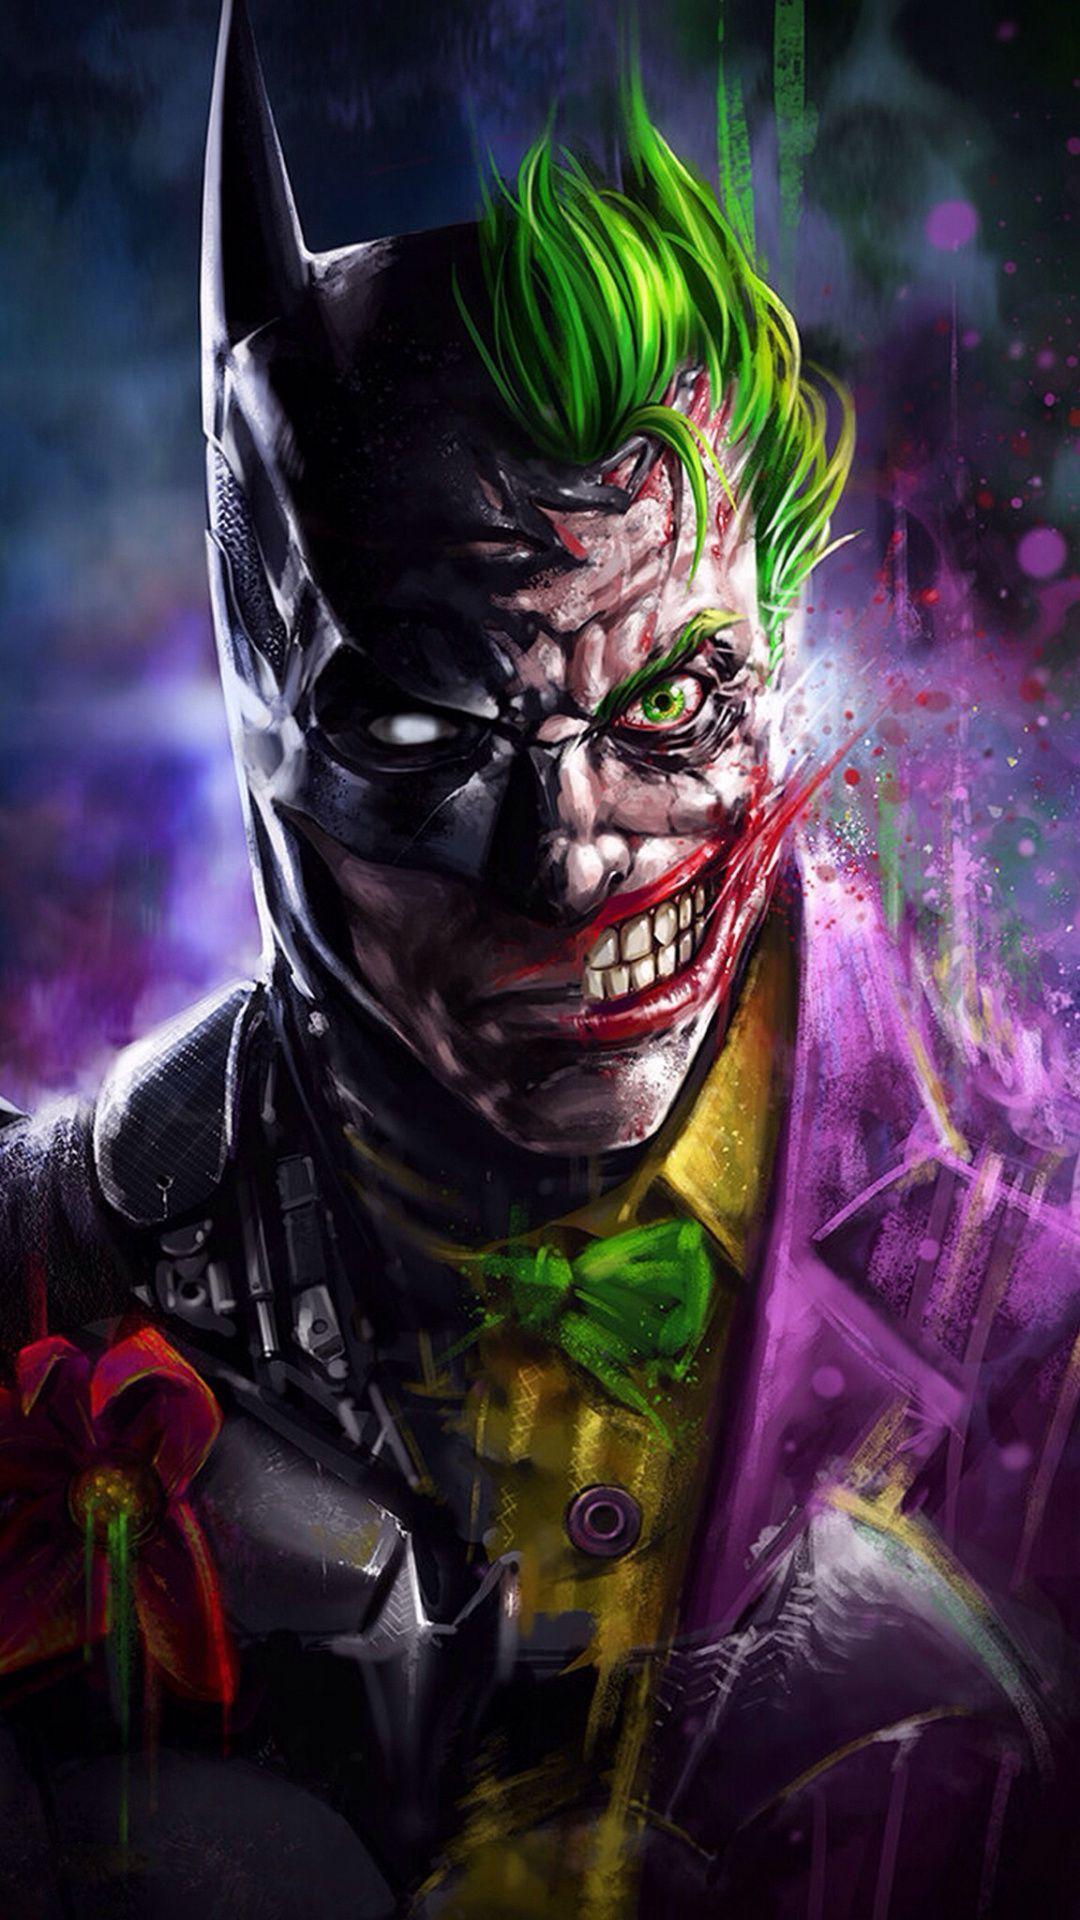 Batman And Joker Face Art Wallpapers - Wallpaper Cave